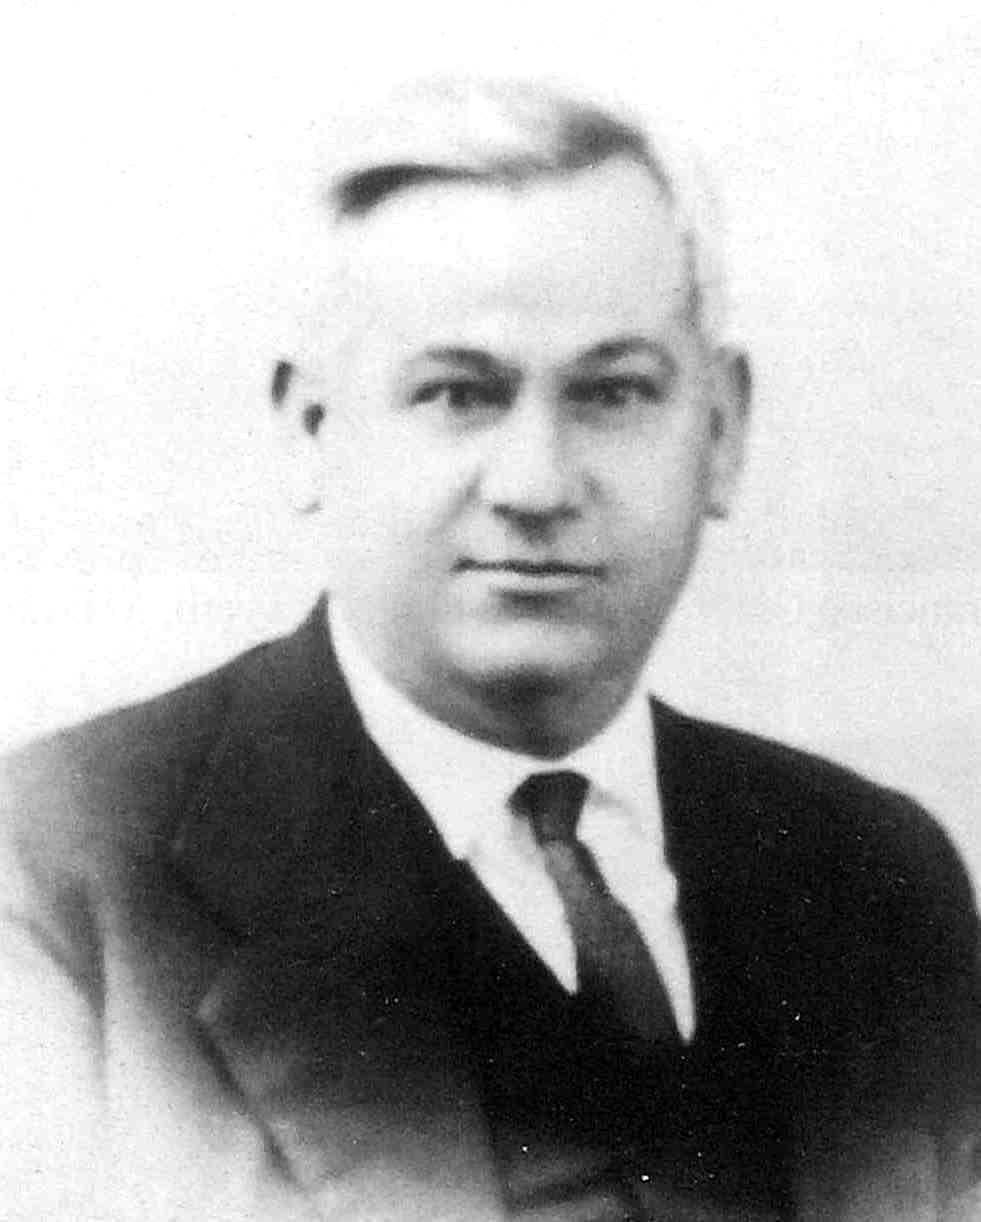 Antonio García Birlán